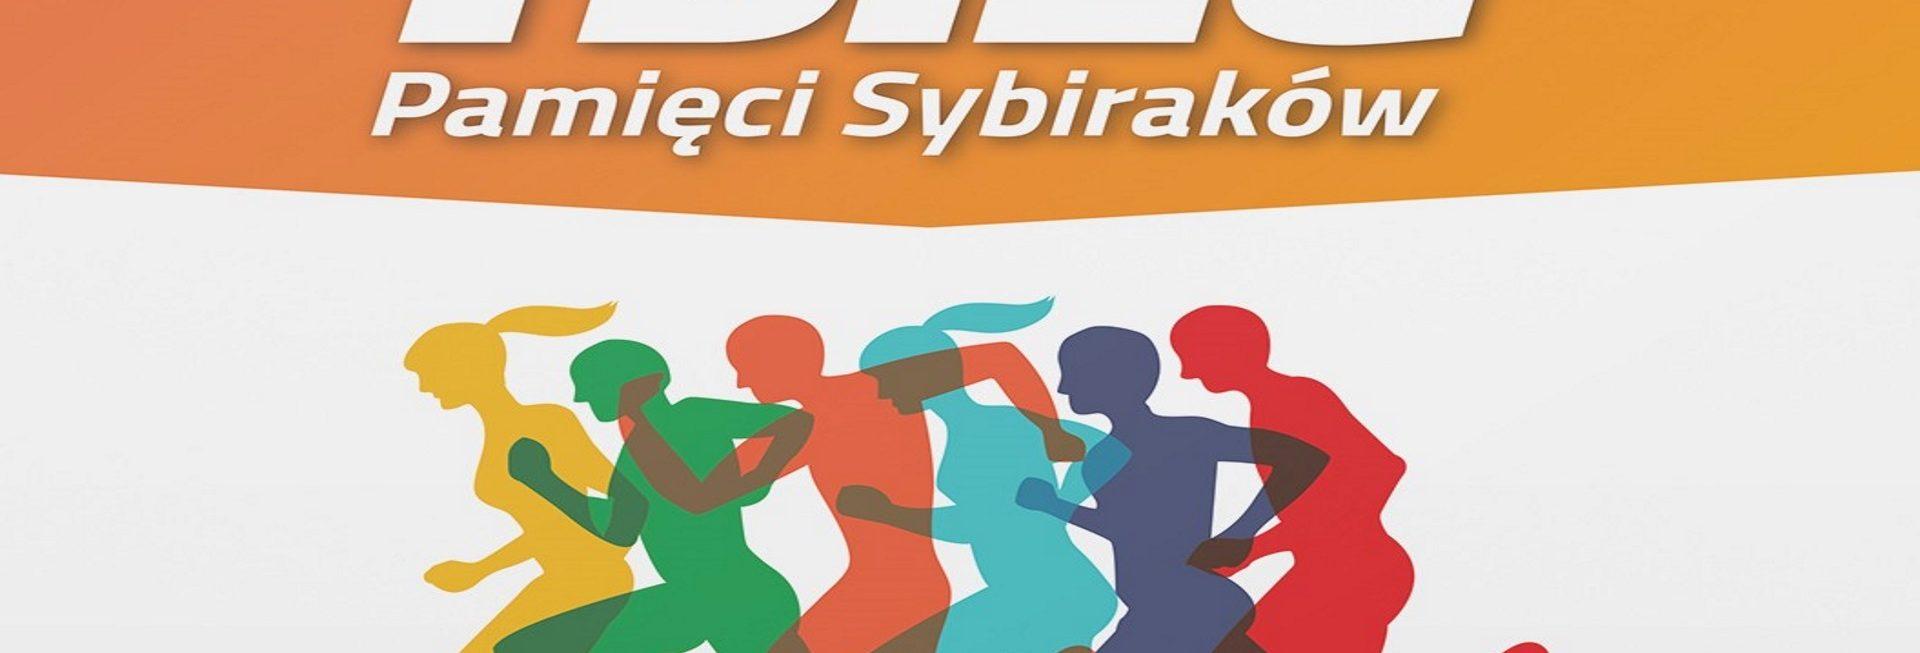 Zdjęcie - plakat, na którym są widoczne graficzne postacie biegnących zawodników. Na plakacie informacja z datą imprezy.